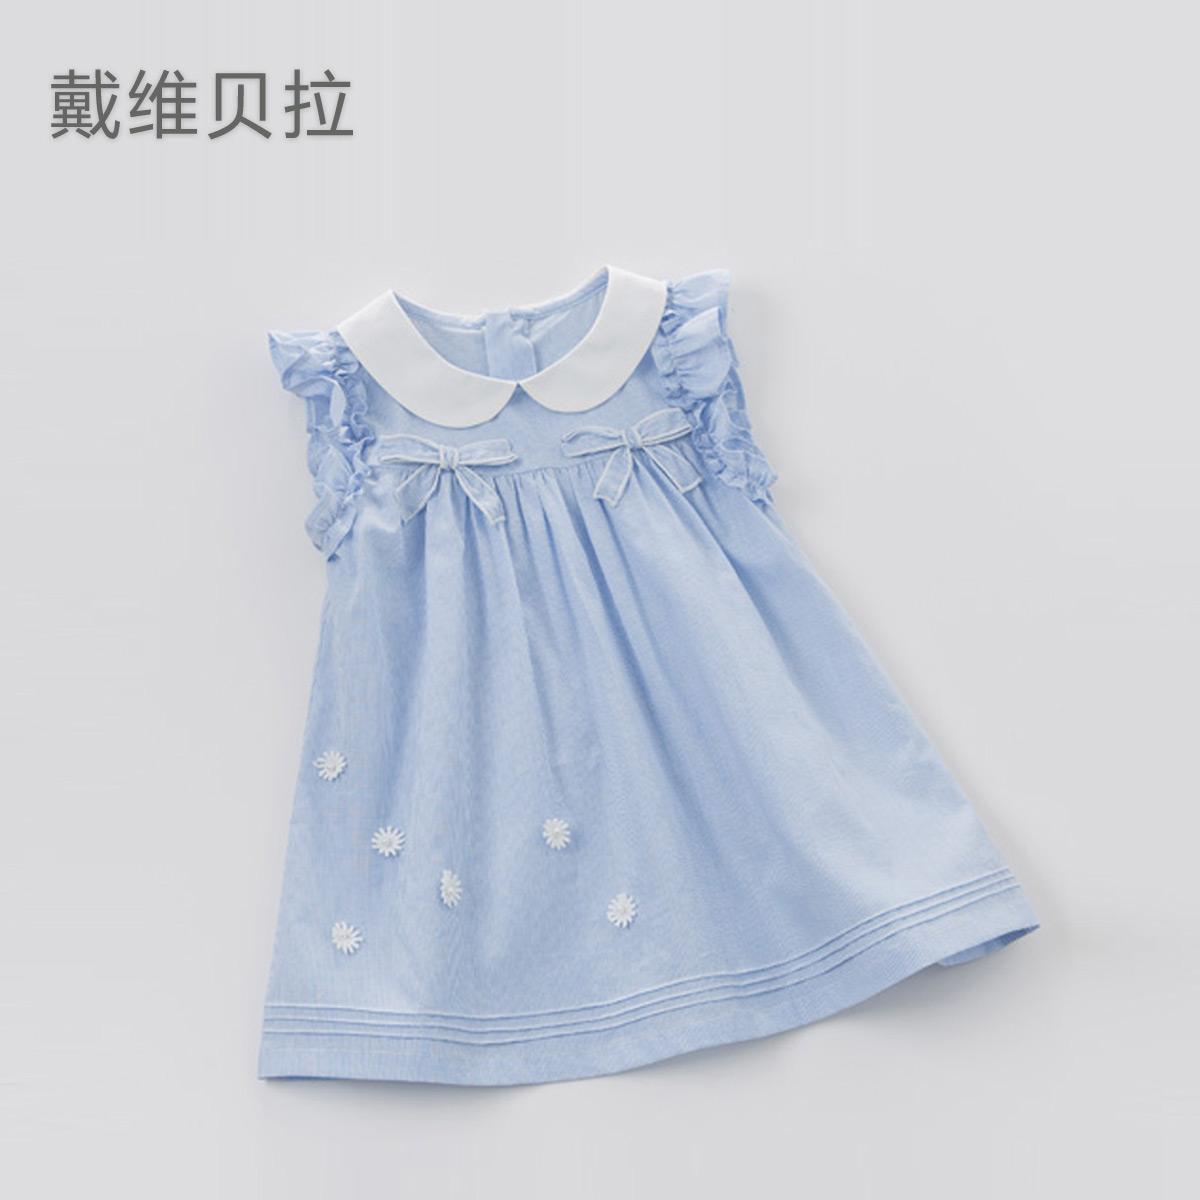 戴维贝拉davebella女童连衣裙夏 宝宝夏装娃娃领短袖长裙儿童裙子